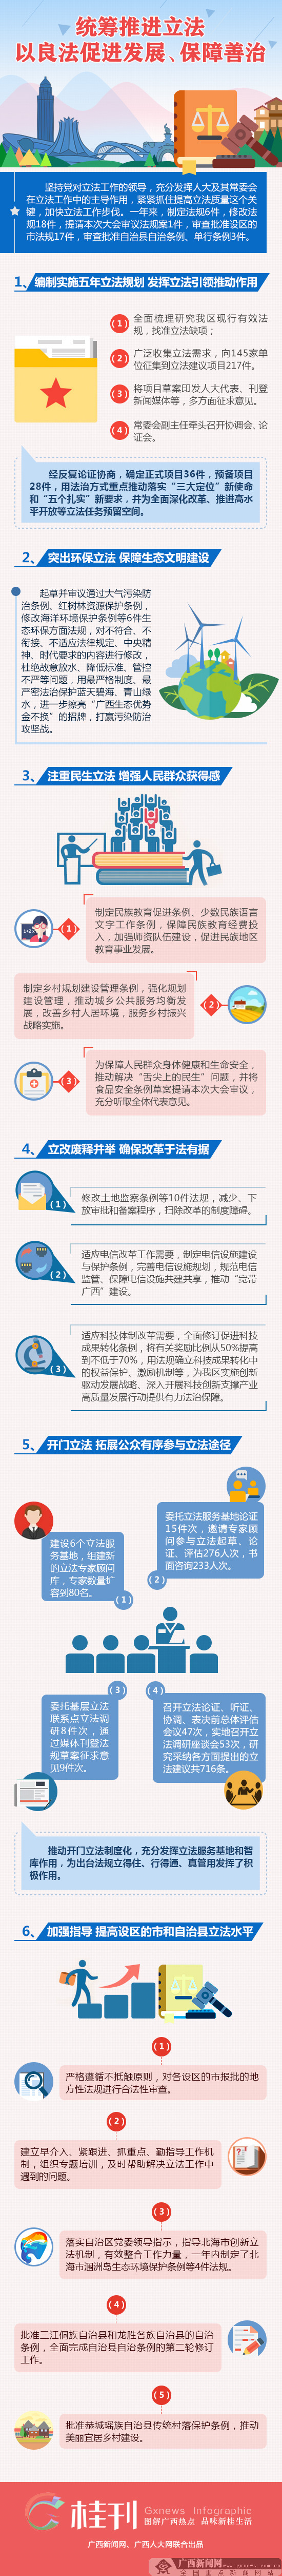 【桂刊】自治区人大统筹推进立法 以良法促进发展、保障善治